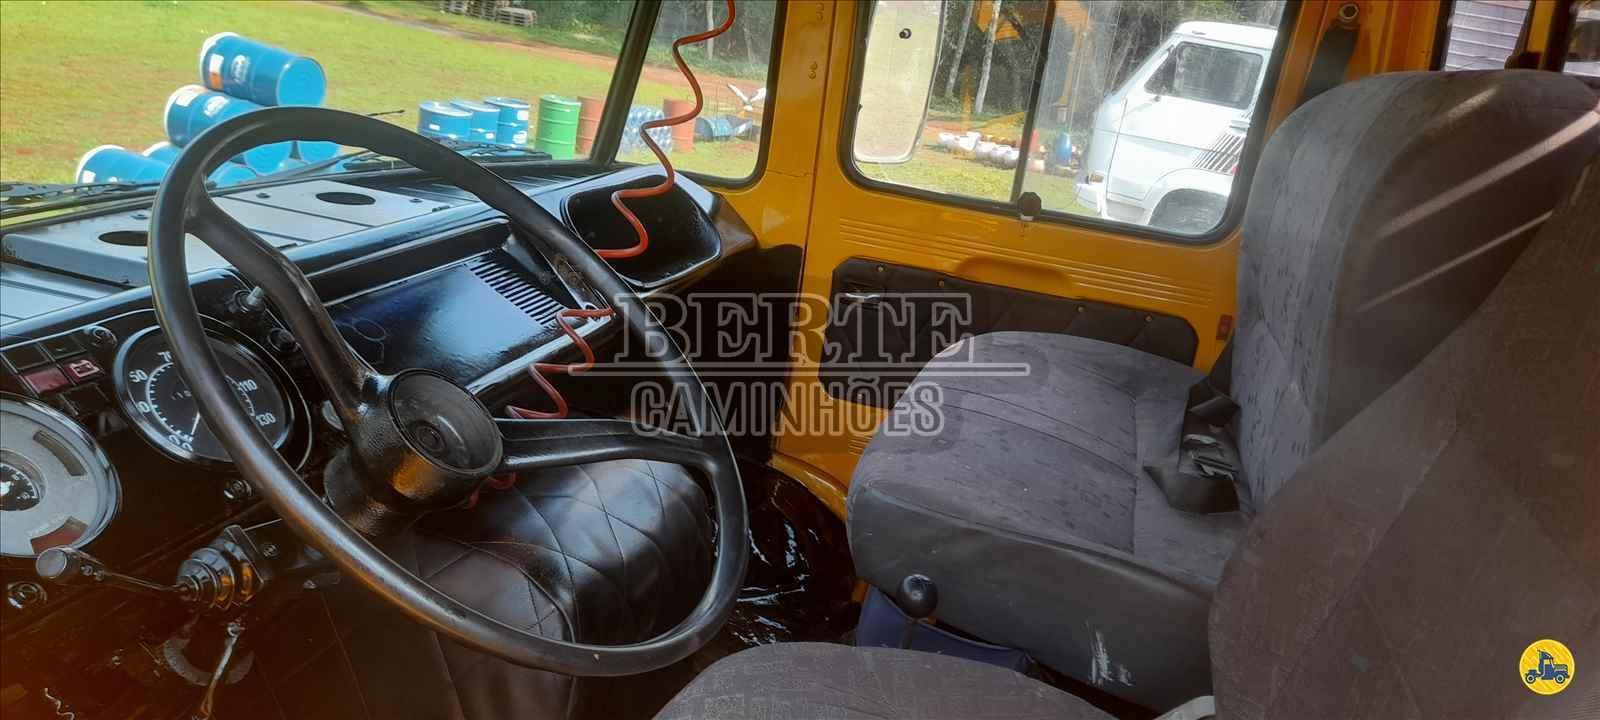 CAMINHAO MERCEDES-BENZ MB 608 Graneleiro 3/4 4x2 Berte Caminhões SANTA ROSA RIO GRANDE DO SUL RS